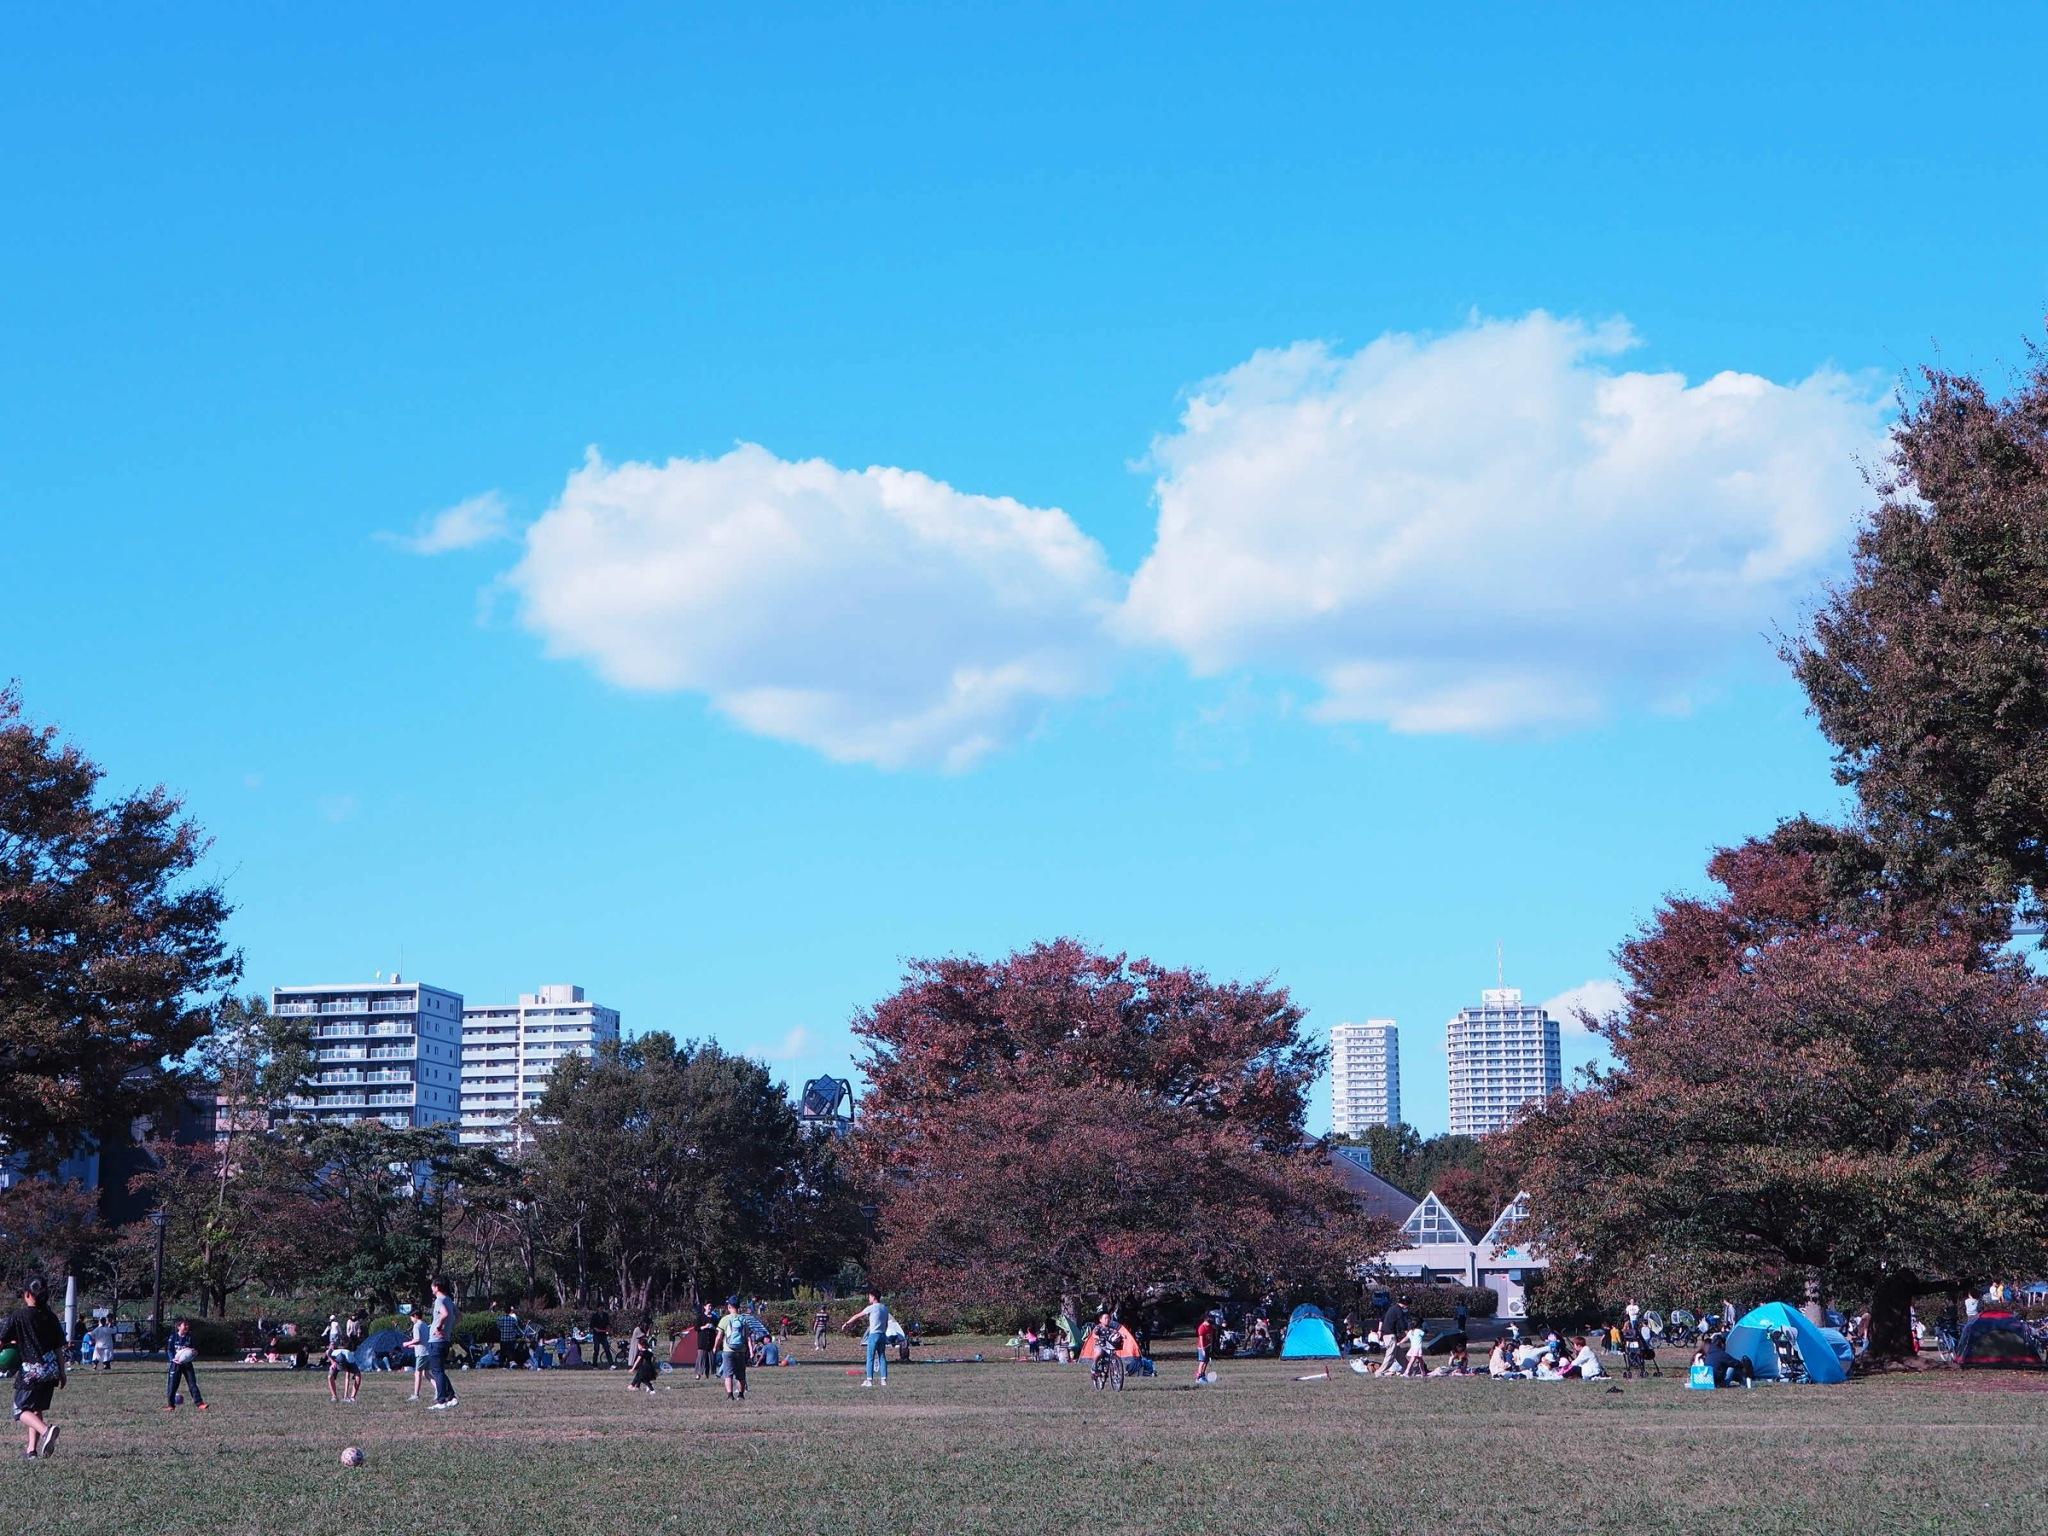 【都内サイング♩】秋晴れの日に #ドコモ・バイクシェア でお出かけしてみた♡_5